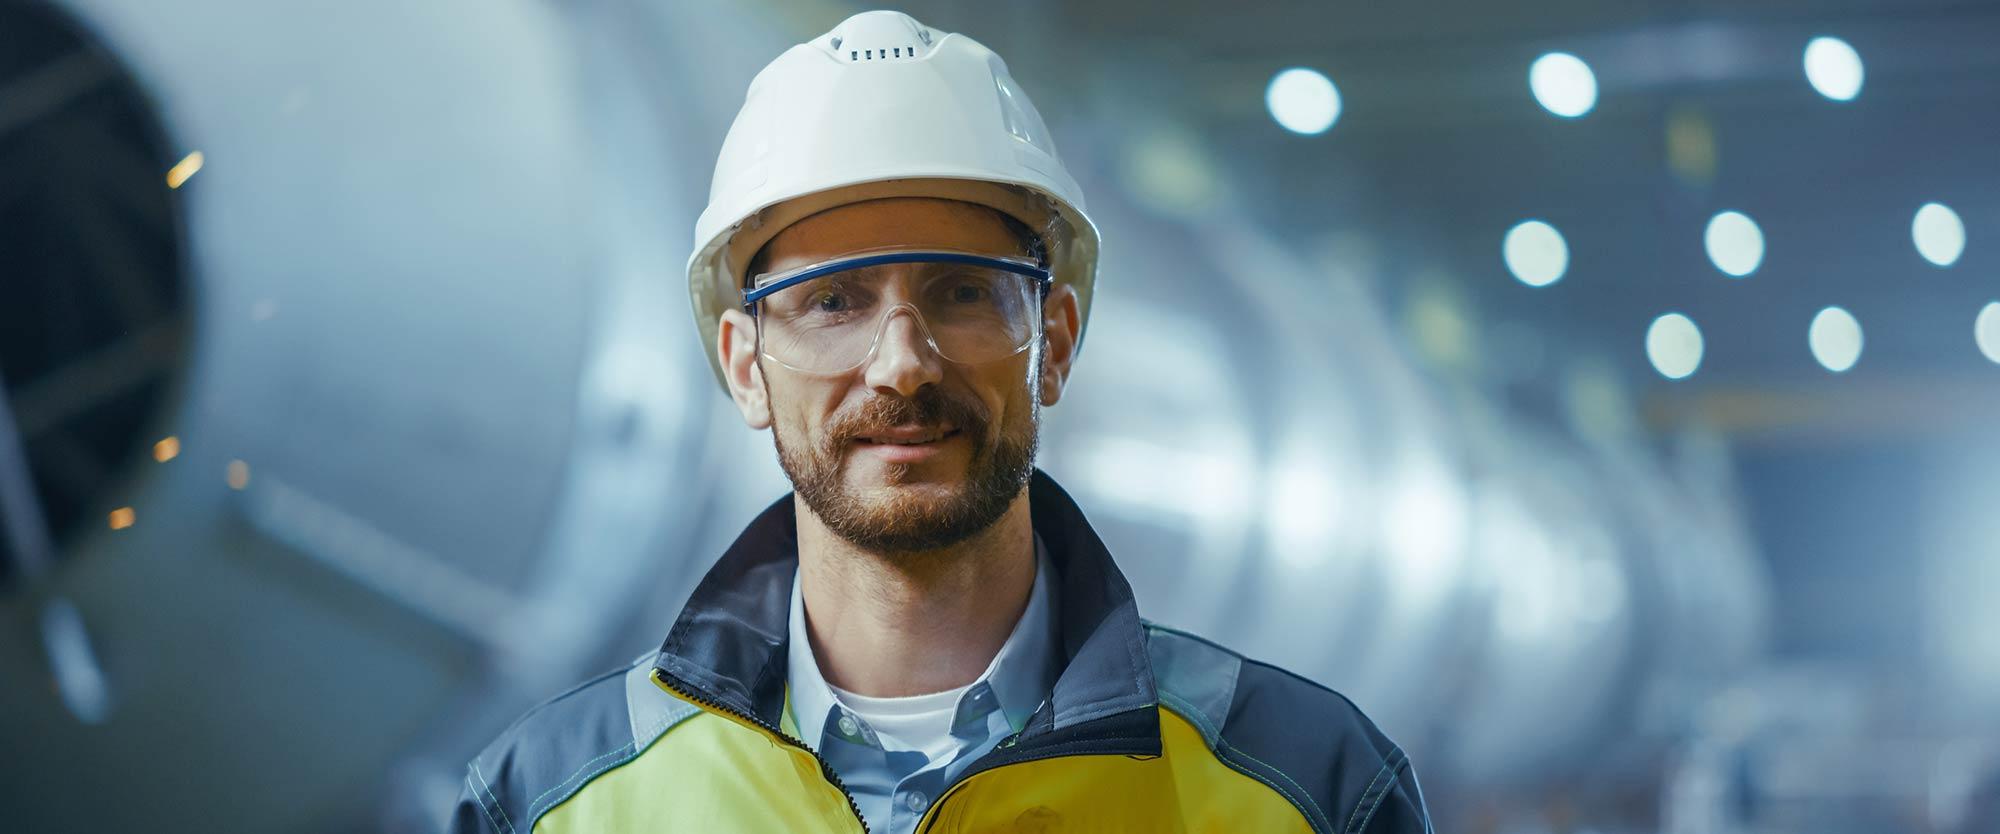 Checkliste Arbeitsschutz im Betrieb